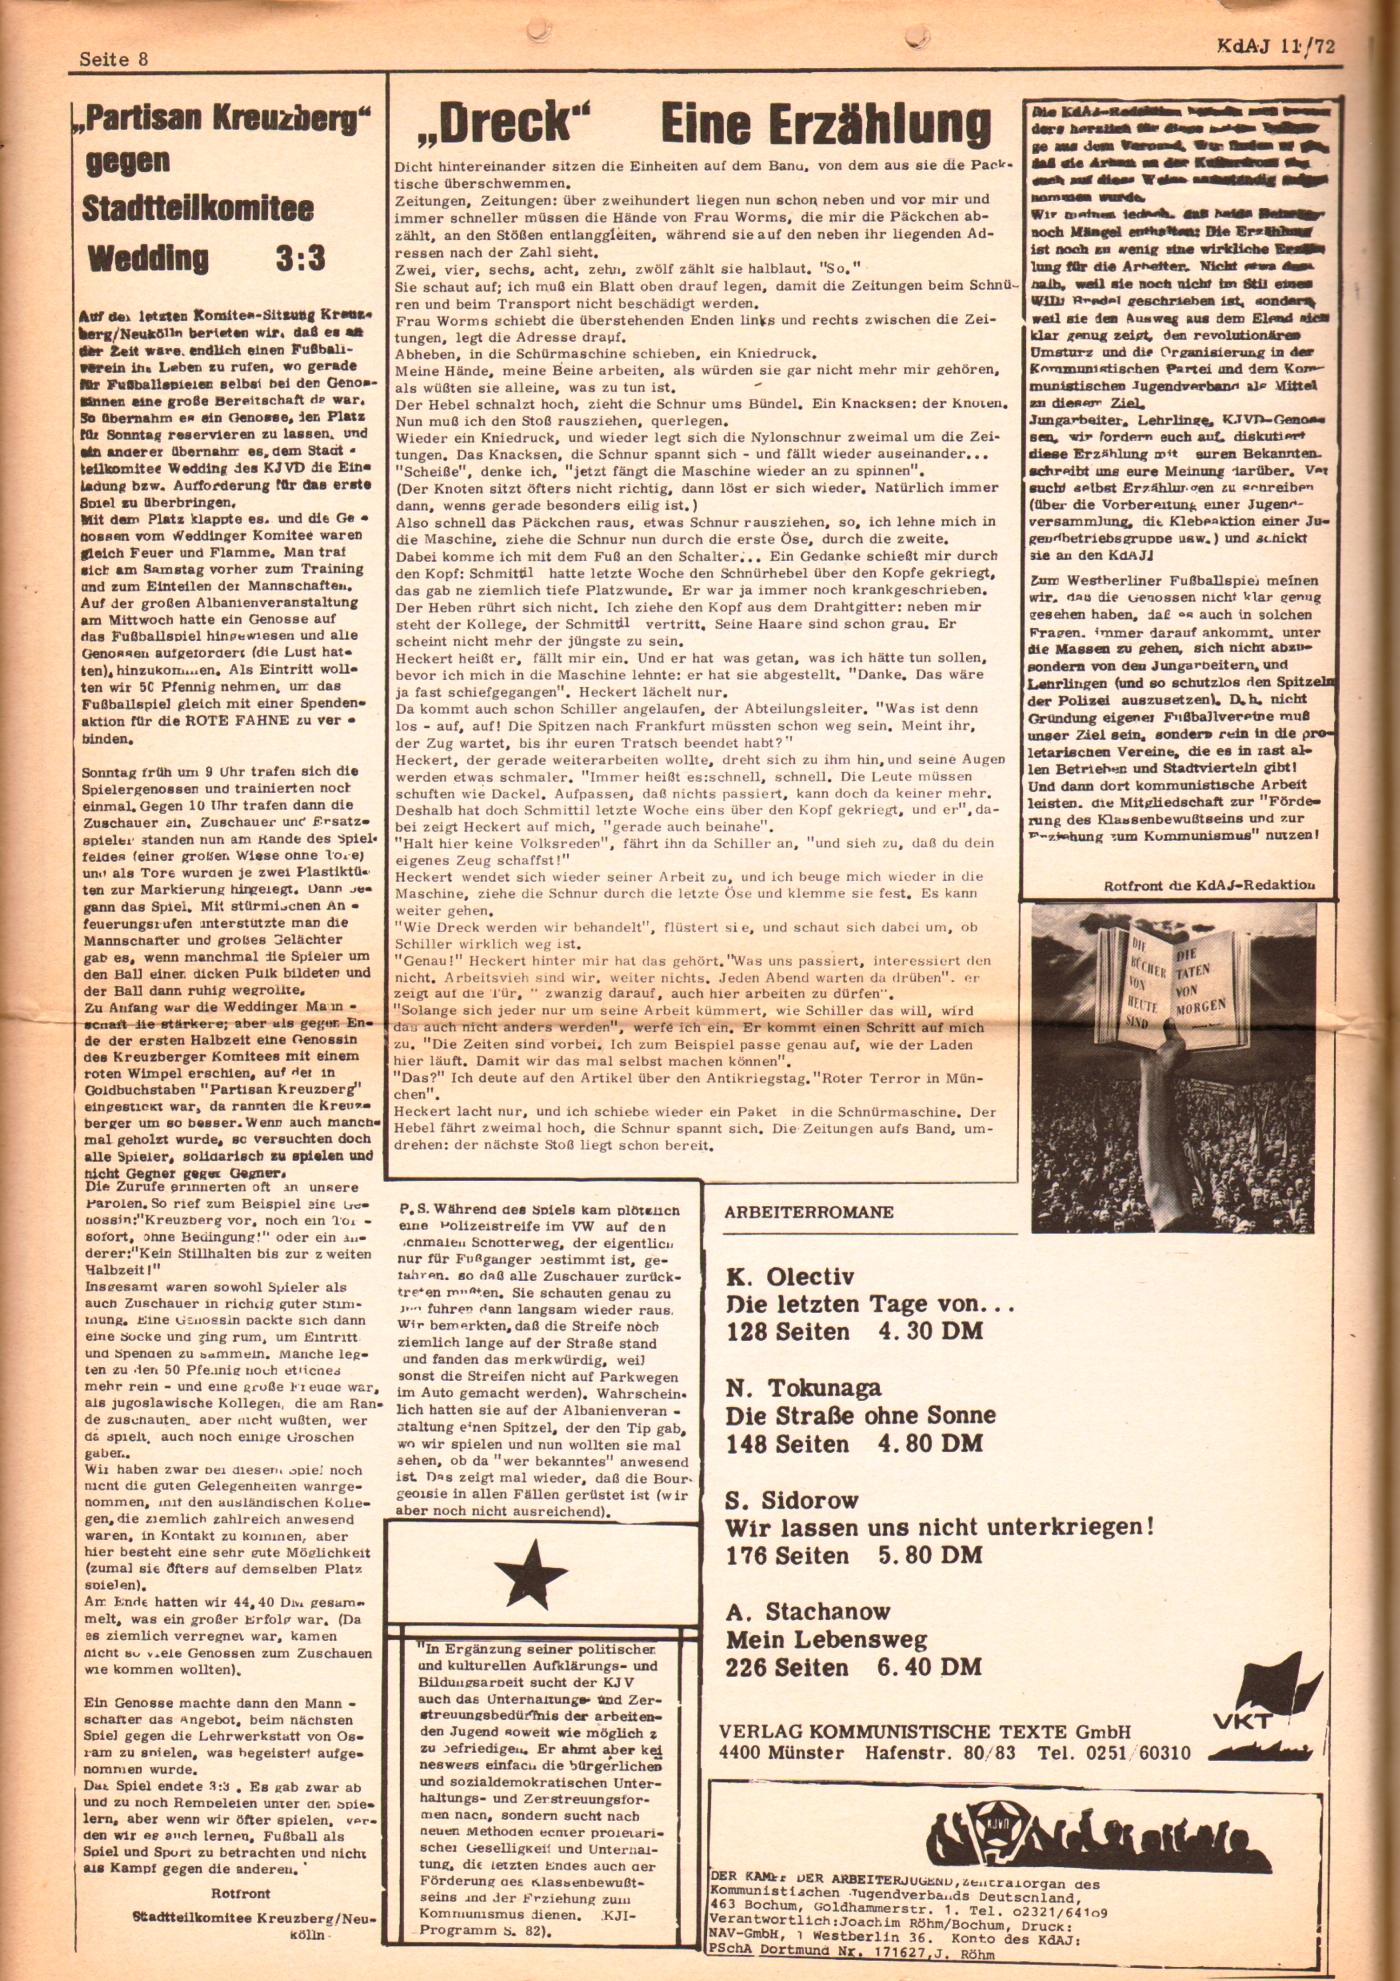 KDAJ, 3. Jg., Dezember 1972, Nr. 11, Seite 8